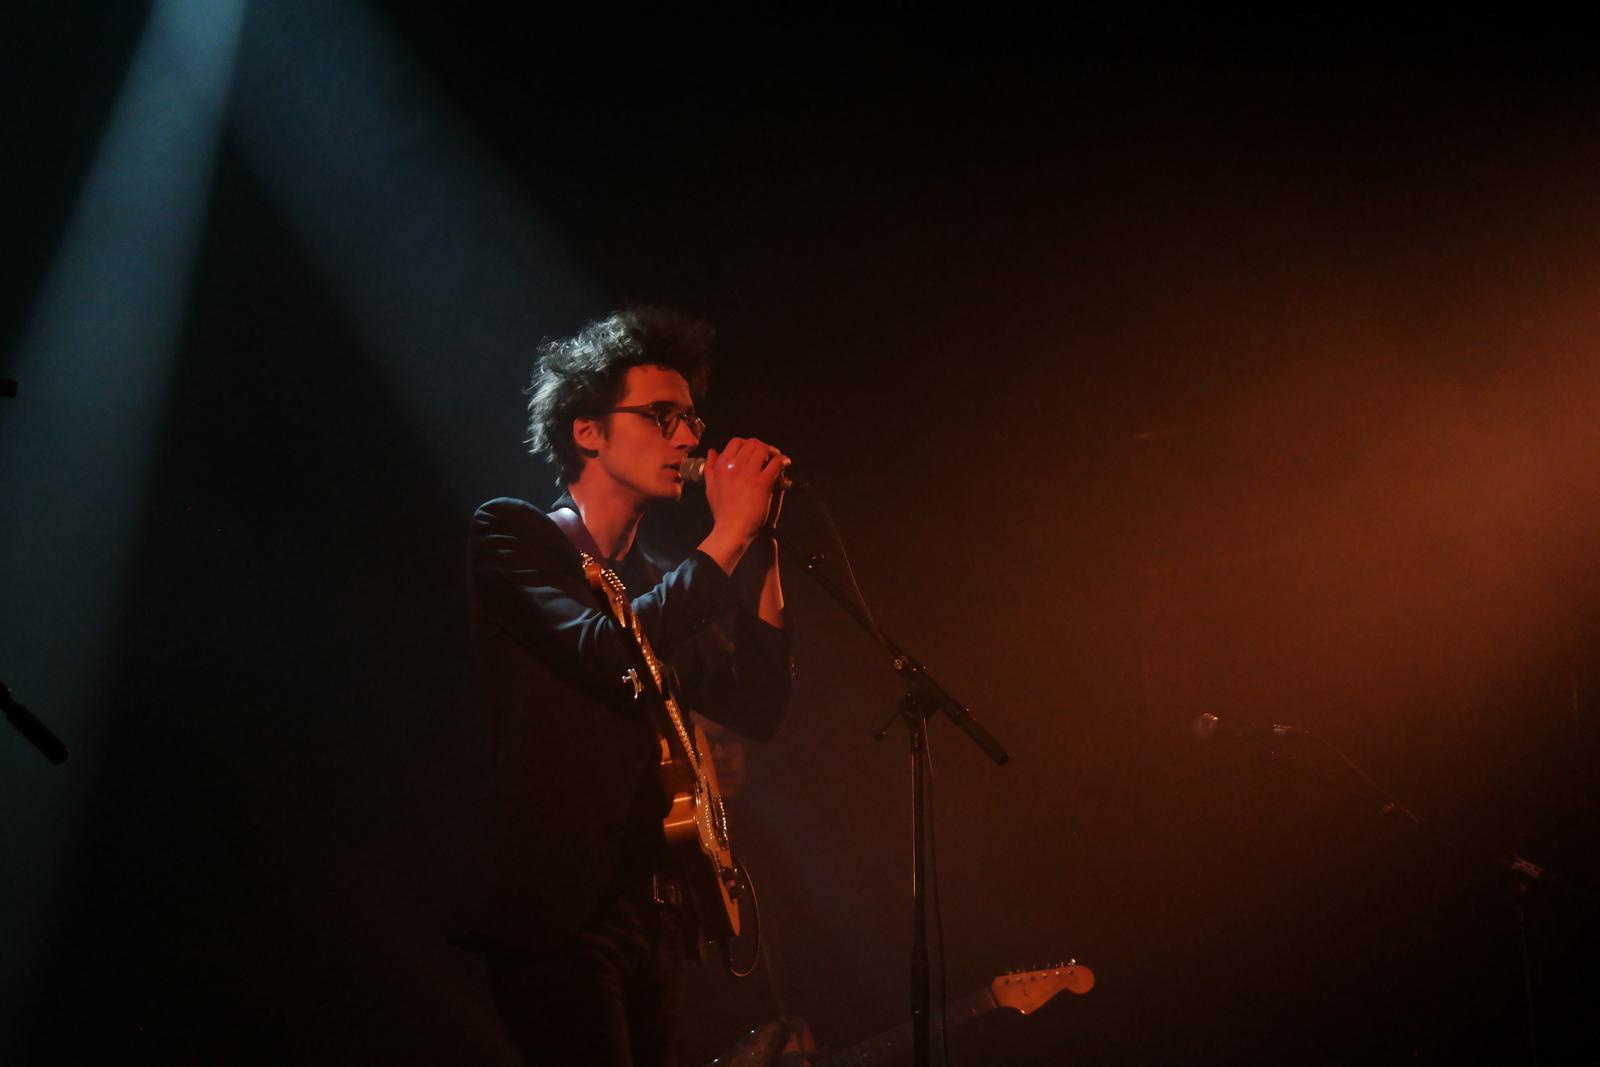 Pierre Guénard groupe Radio Elvis live concert Printemps de Bourges 2016 festival musique les inouis album Les Conquêtes photo scène usofparis blog